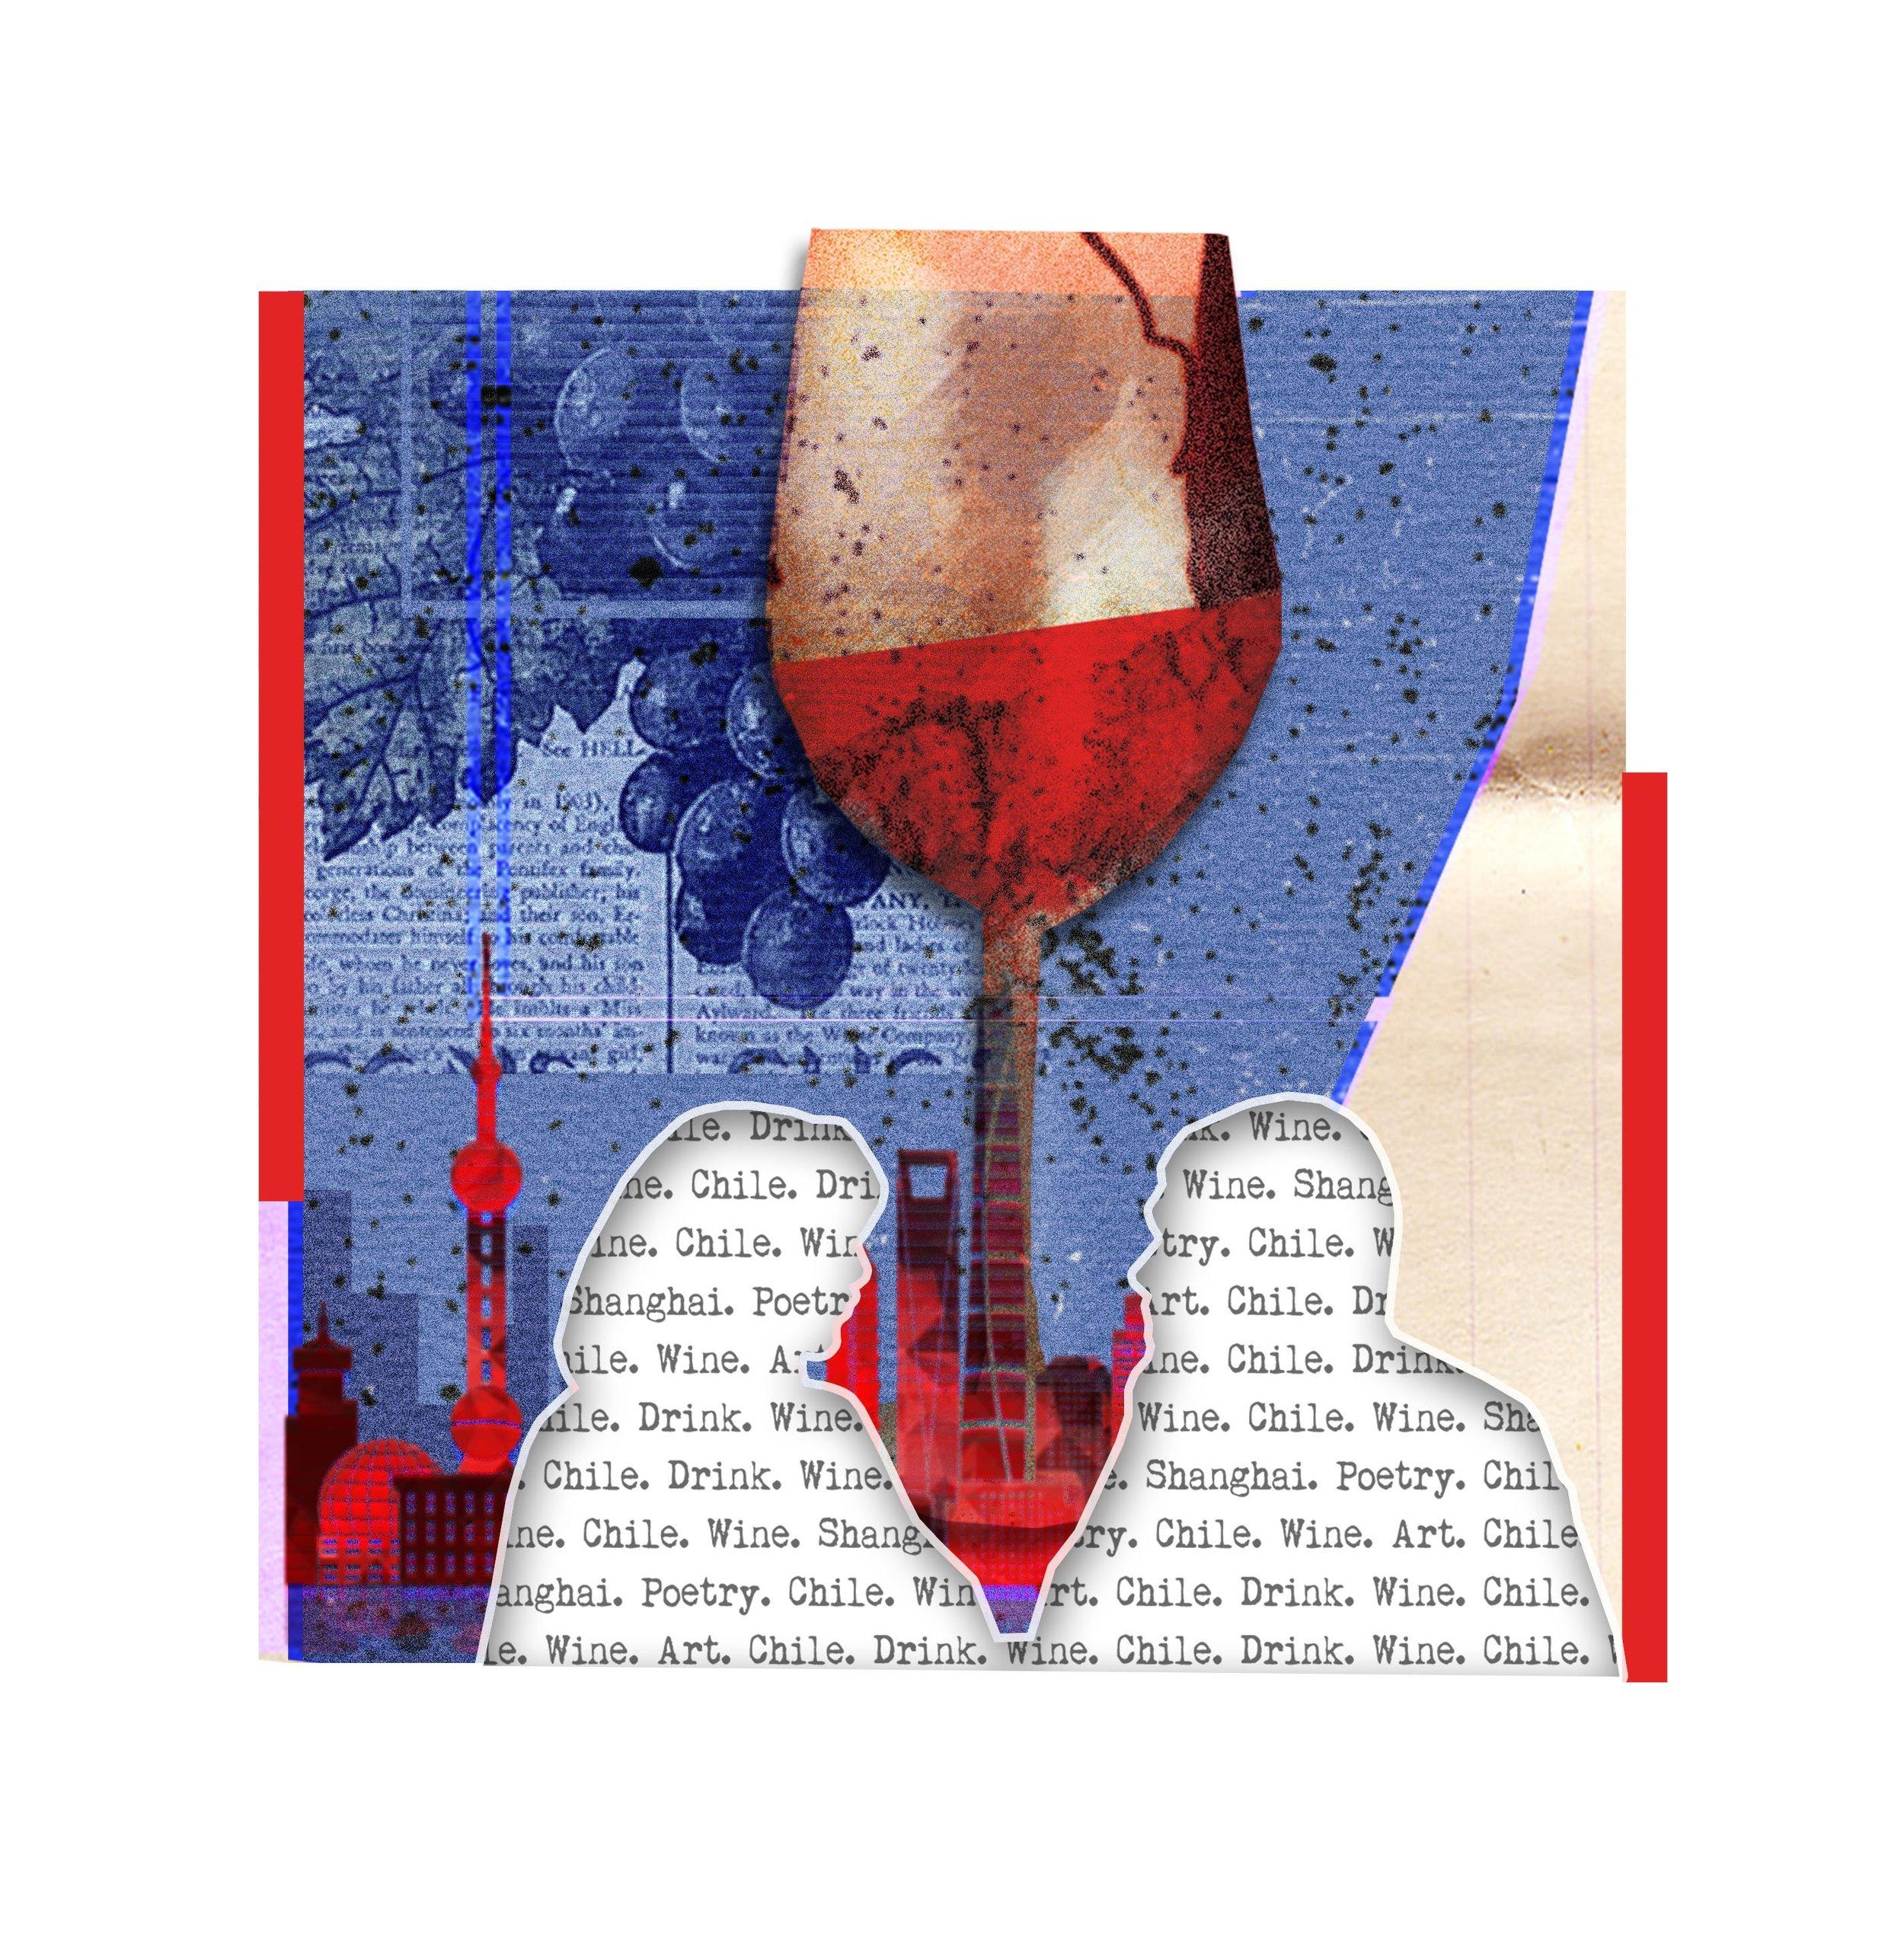 Chile-Wine-BIC